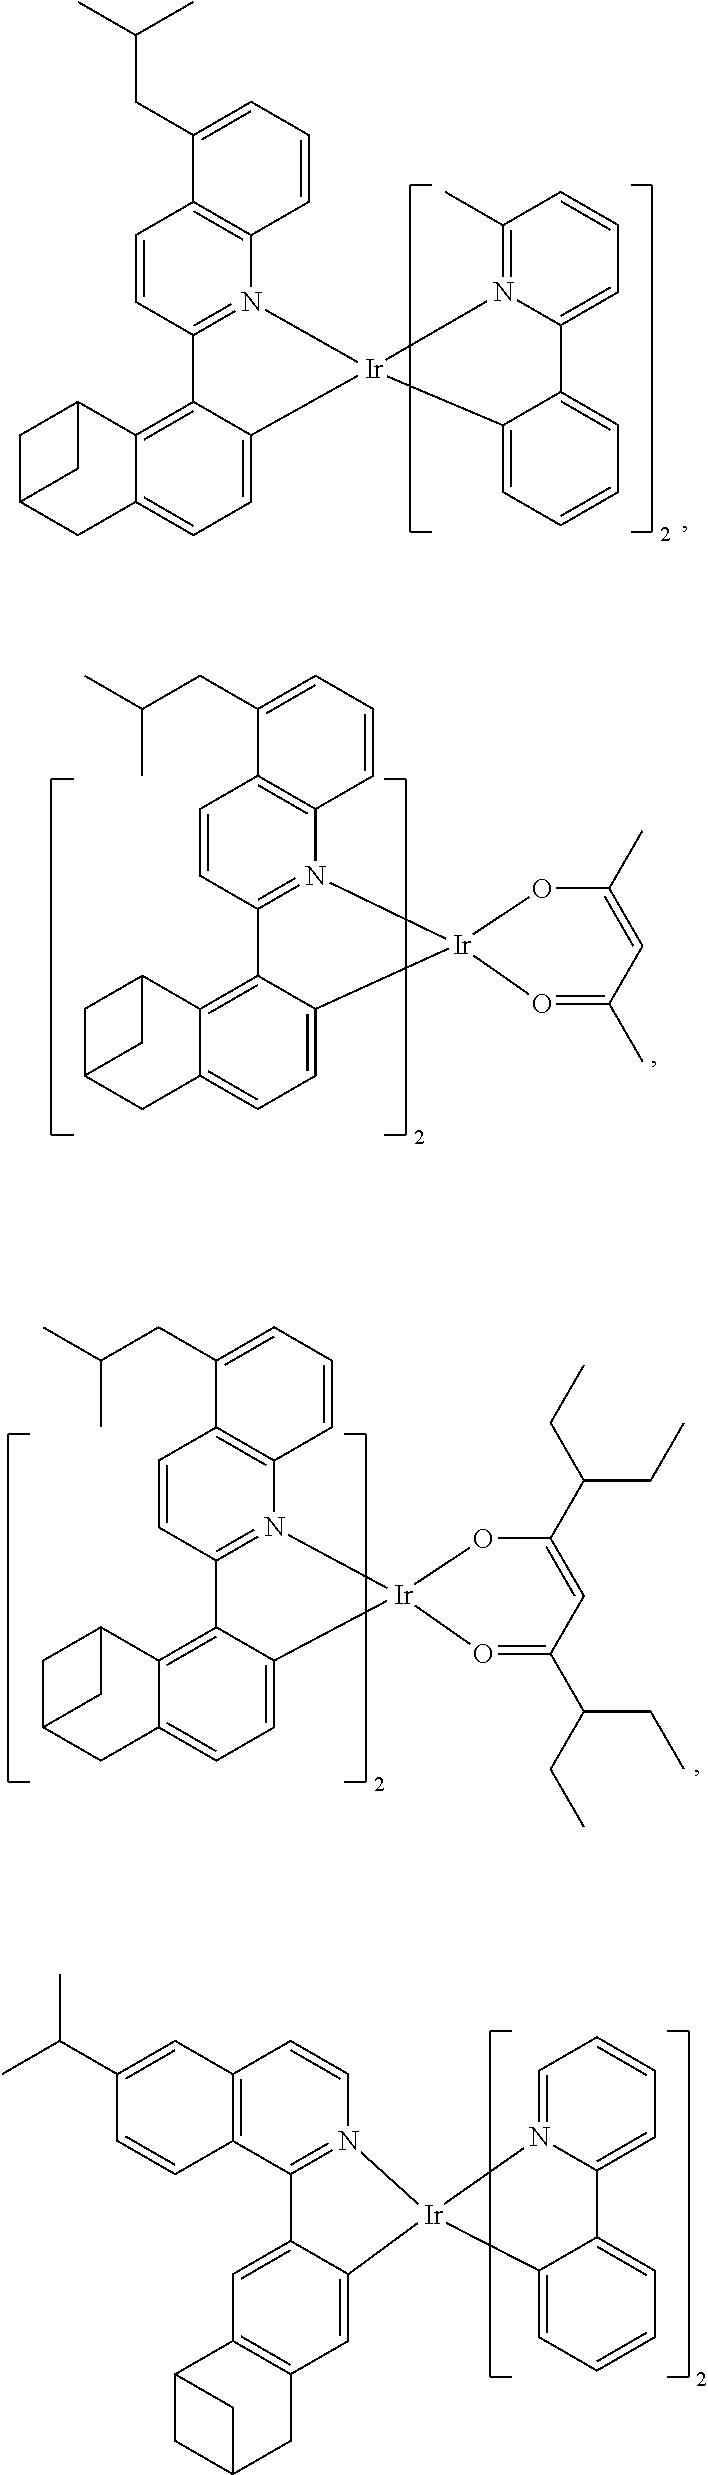 Figure US09691993-20170627-C00068